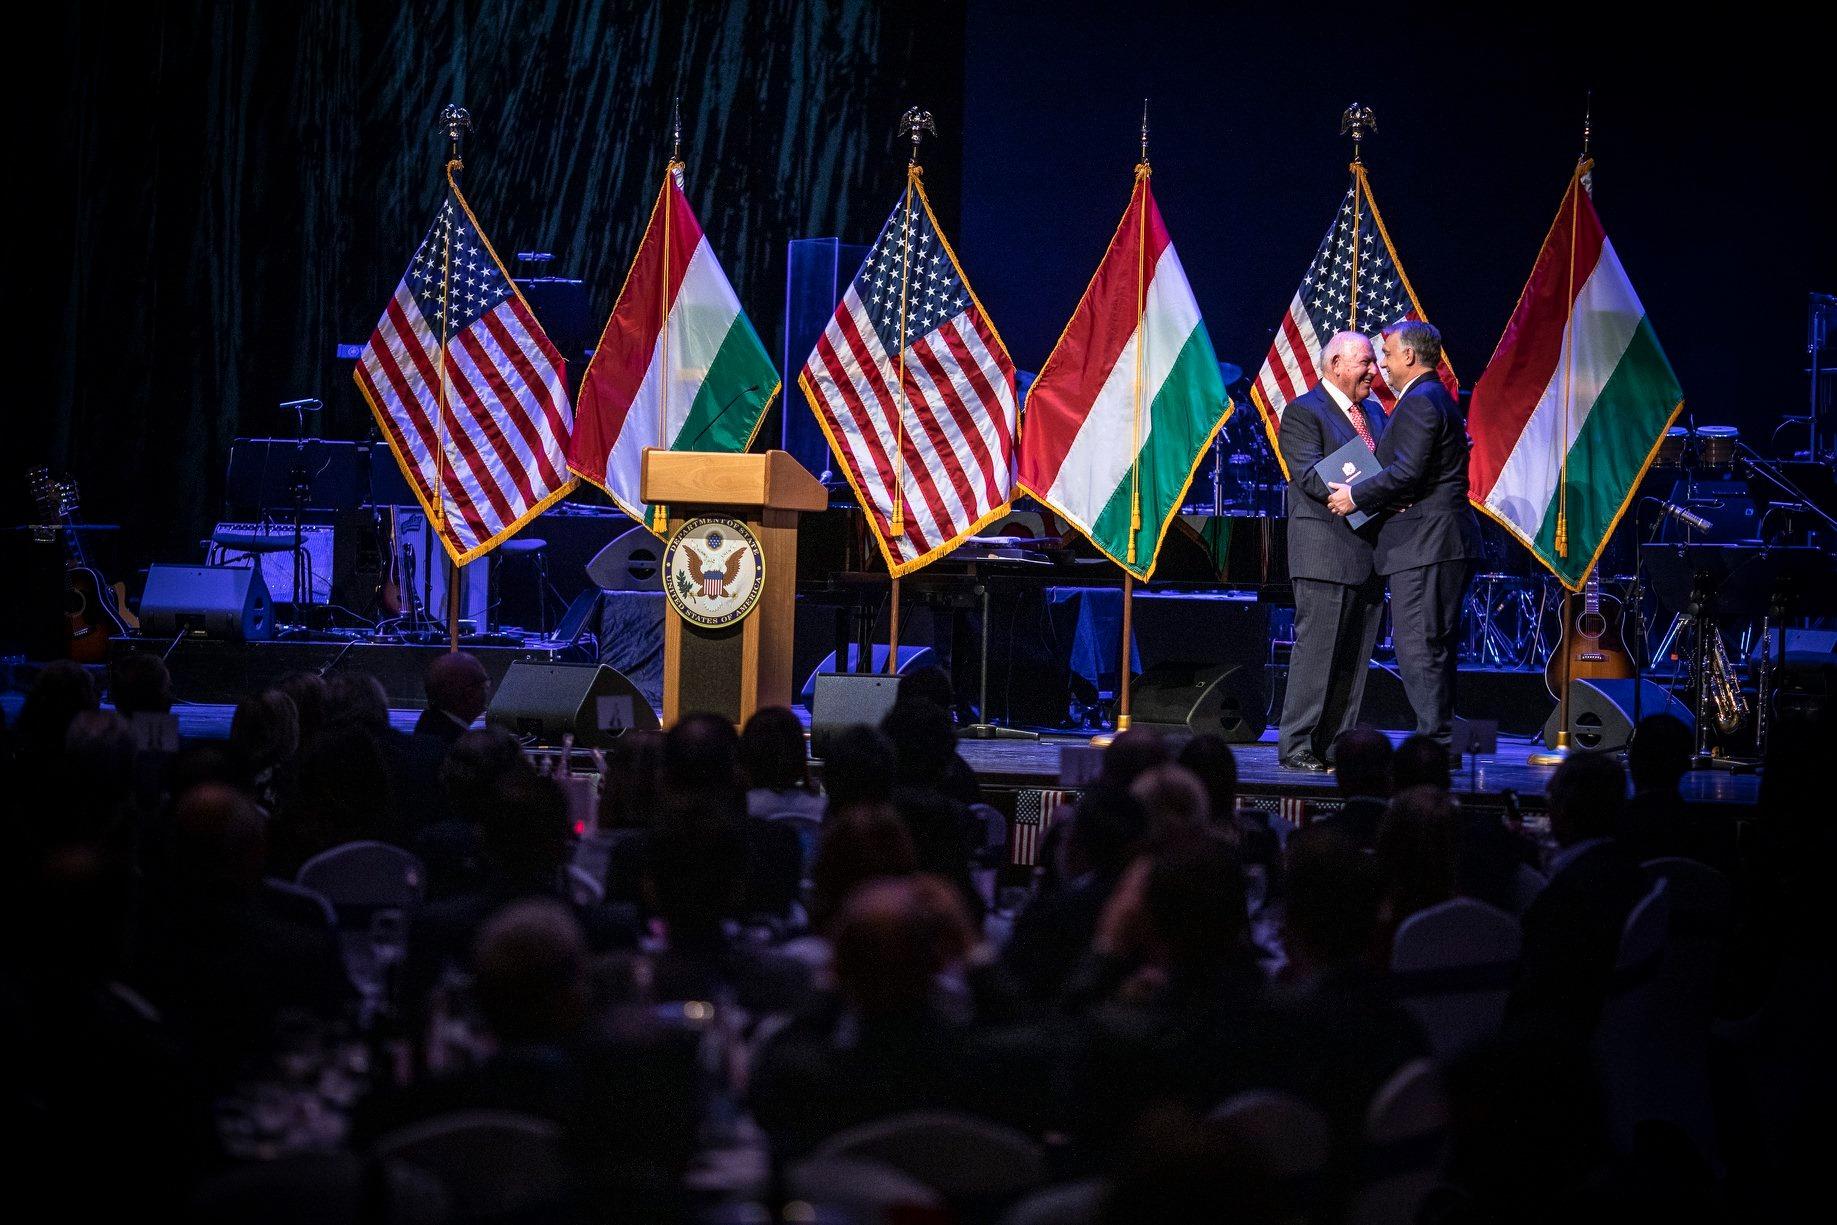 Friss hírek: A miniszterelnök sok mindent ígért titokban a Budapestre költöző orosz vezetésű IIB miatt aggódó amerikaiaknak. Közben pedig a kormány Washingtonban próbálja puhítani az amerikai képviselőket, hogy minden rendben a sokaknak gyanús bankkal.